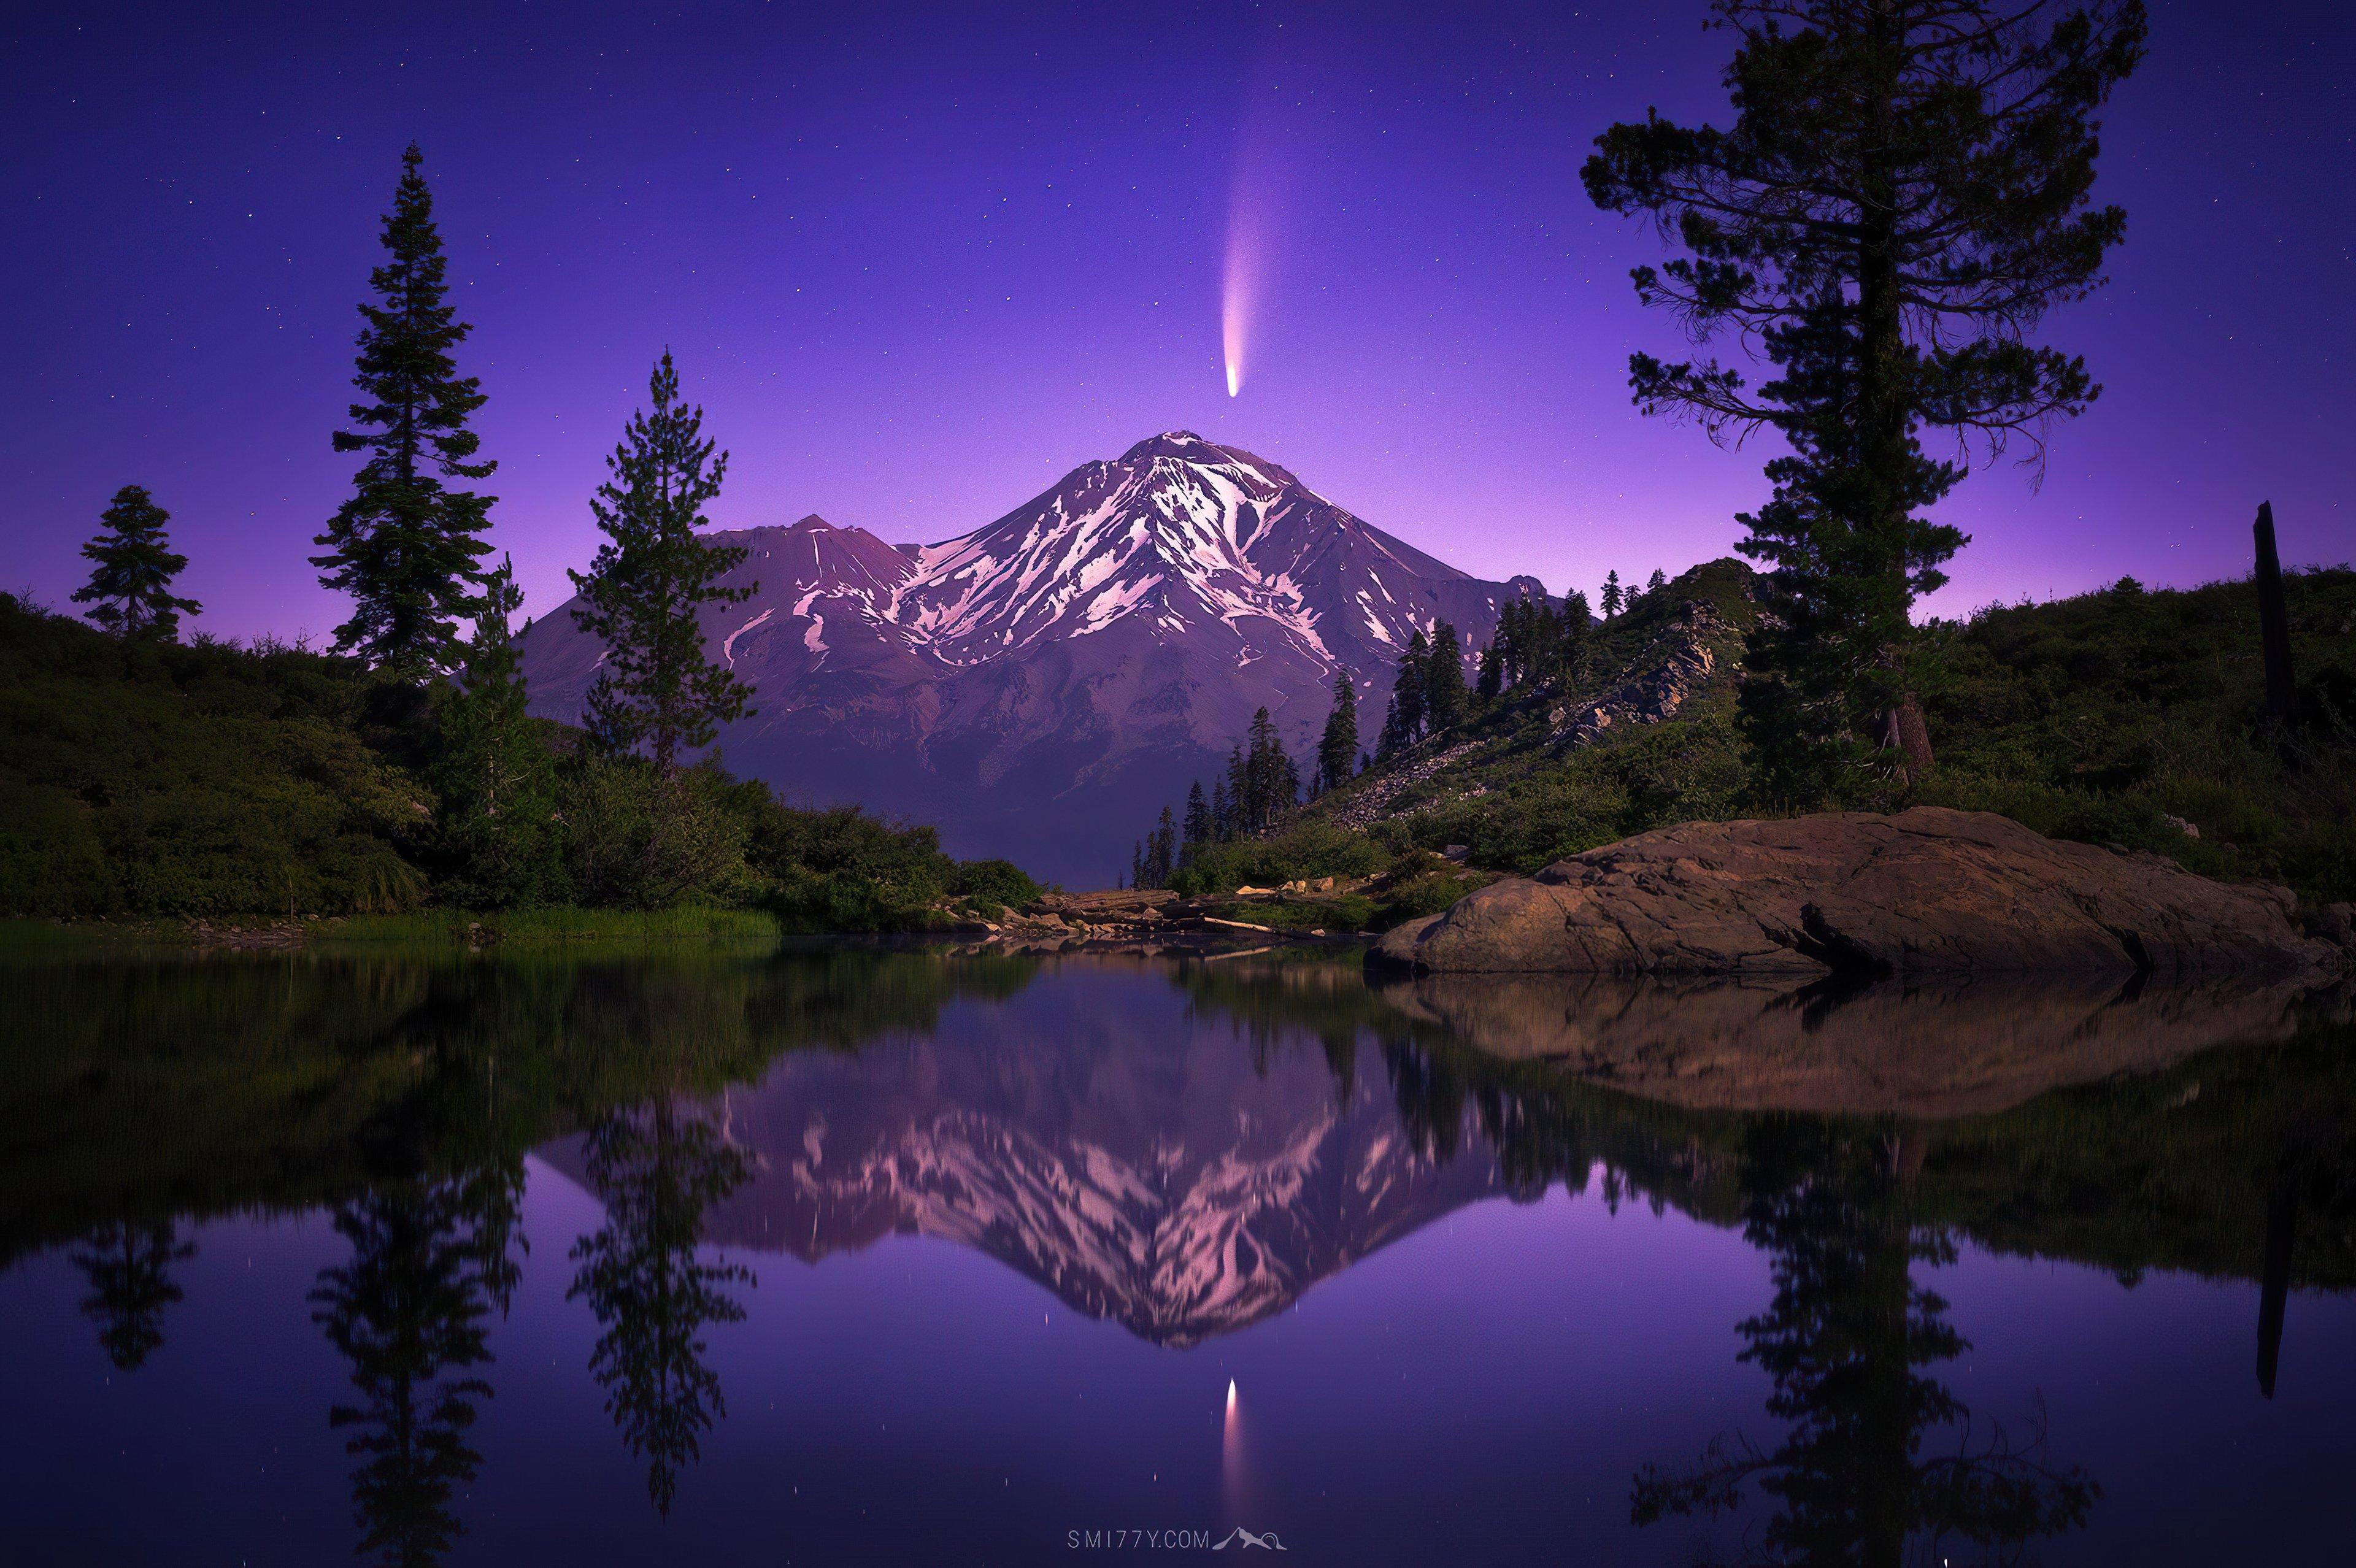 Fondos de pantalla Paisaje de bosque con montañas y lago